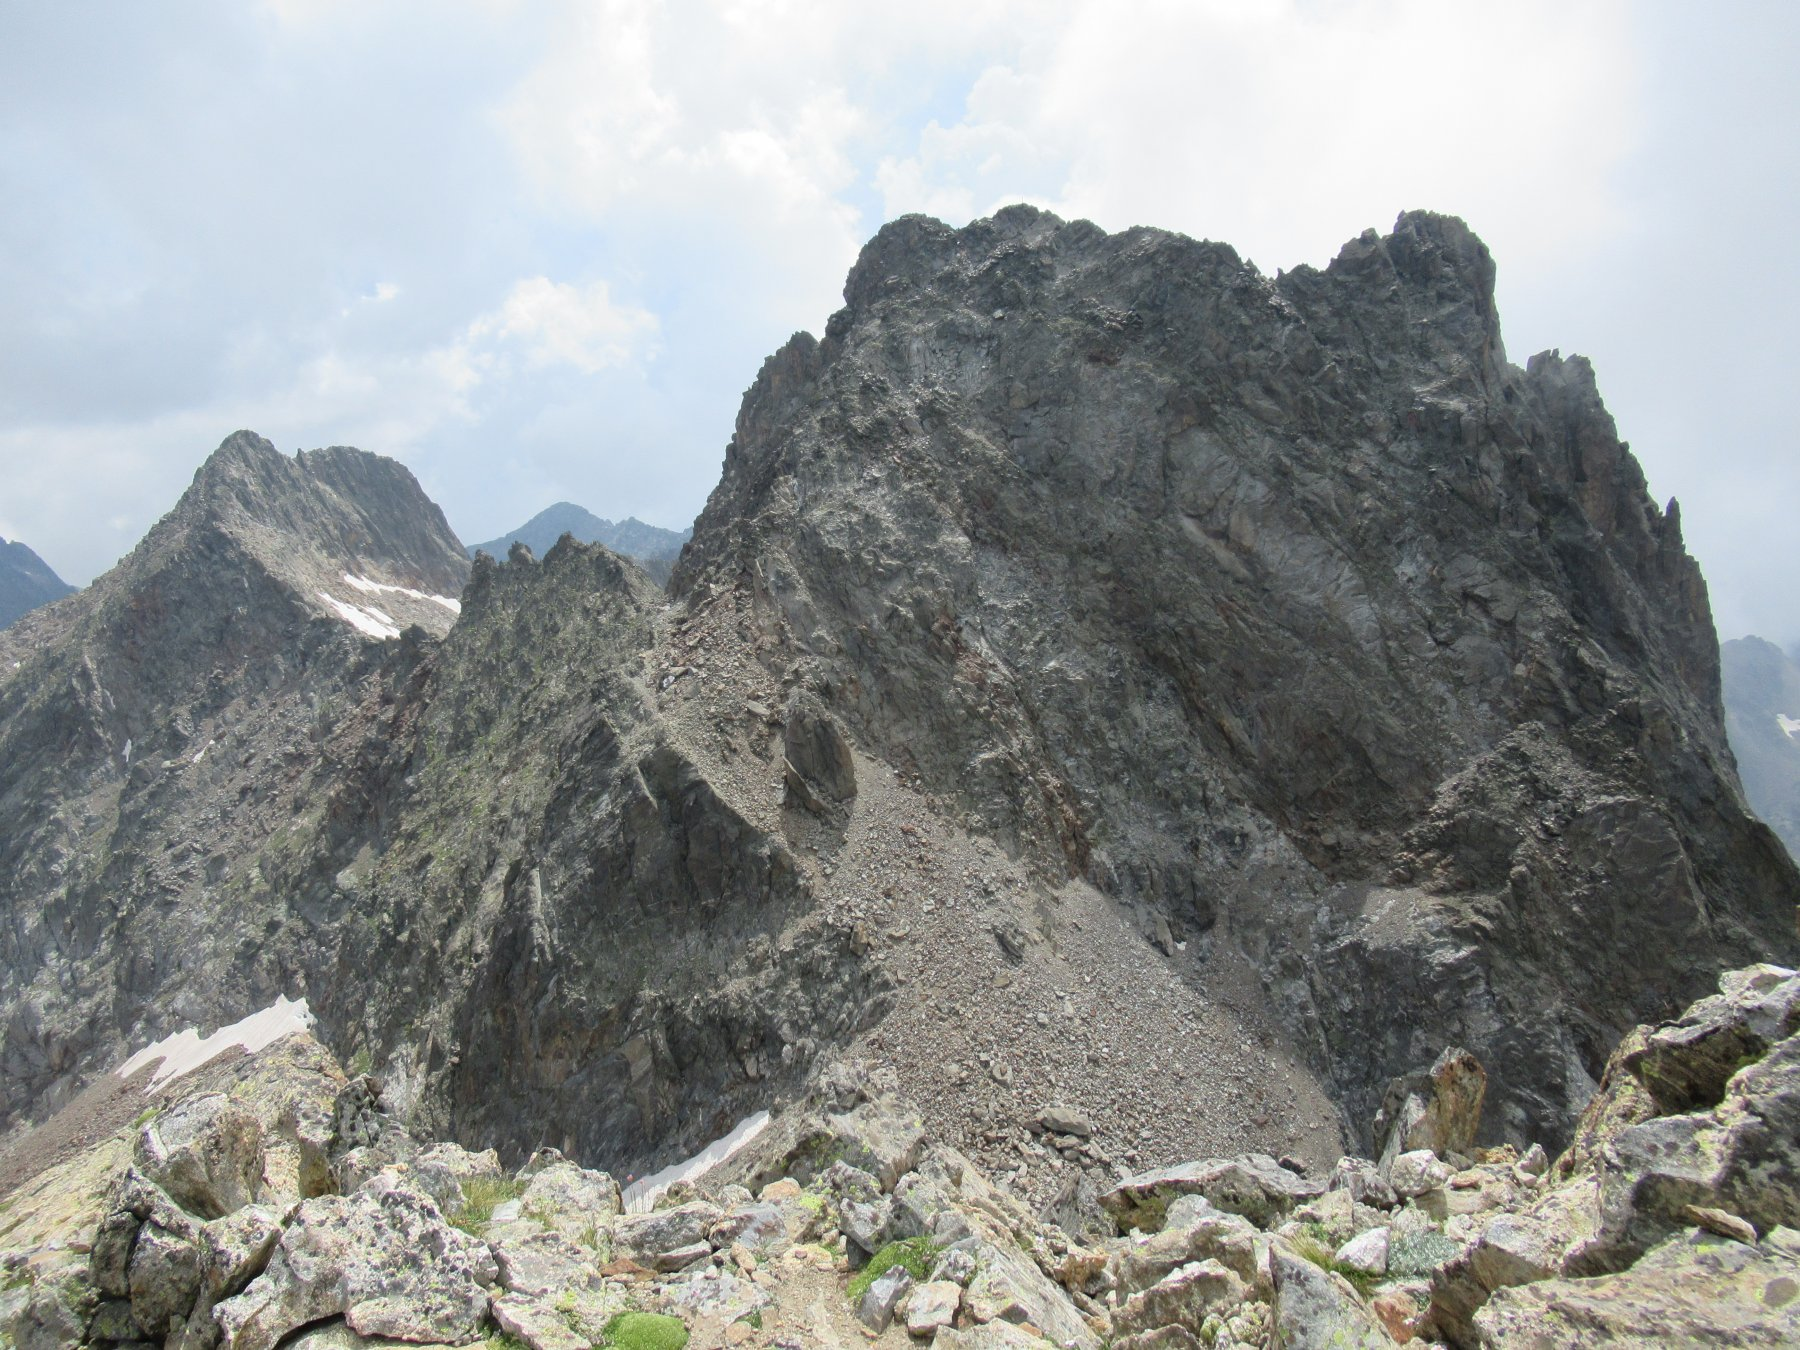 Cima di Nasta vista da Cima Paganini (m.3051).